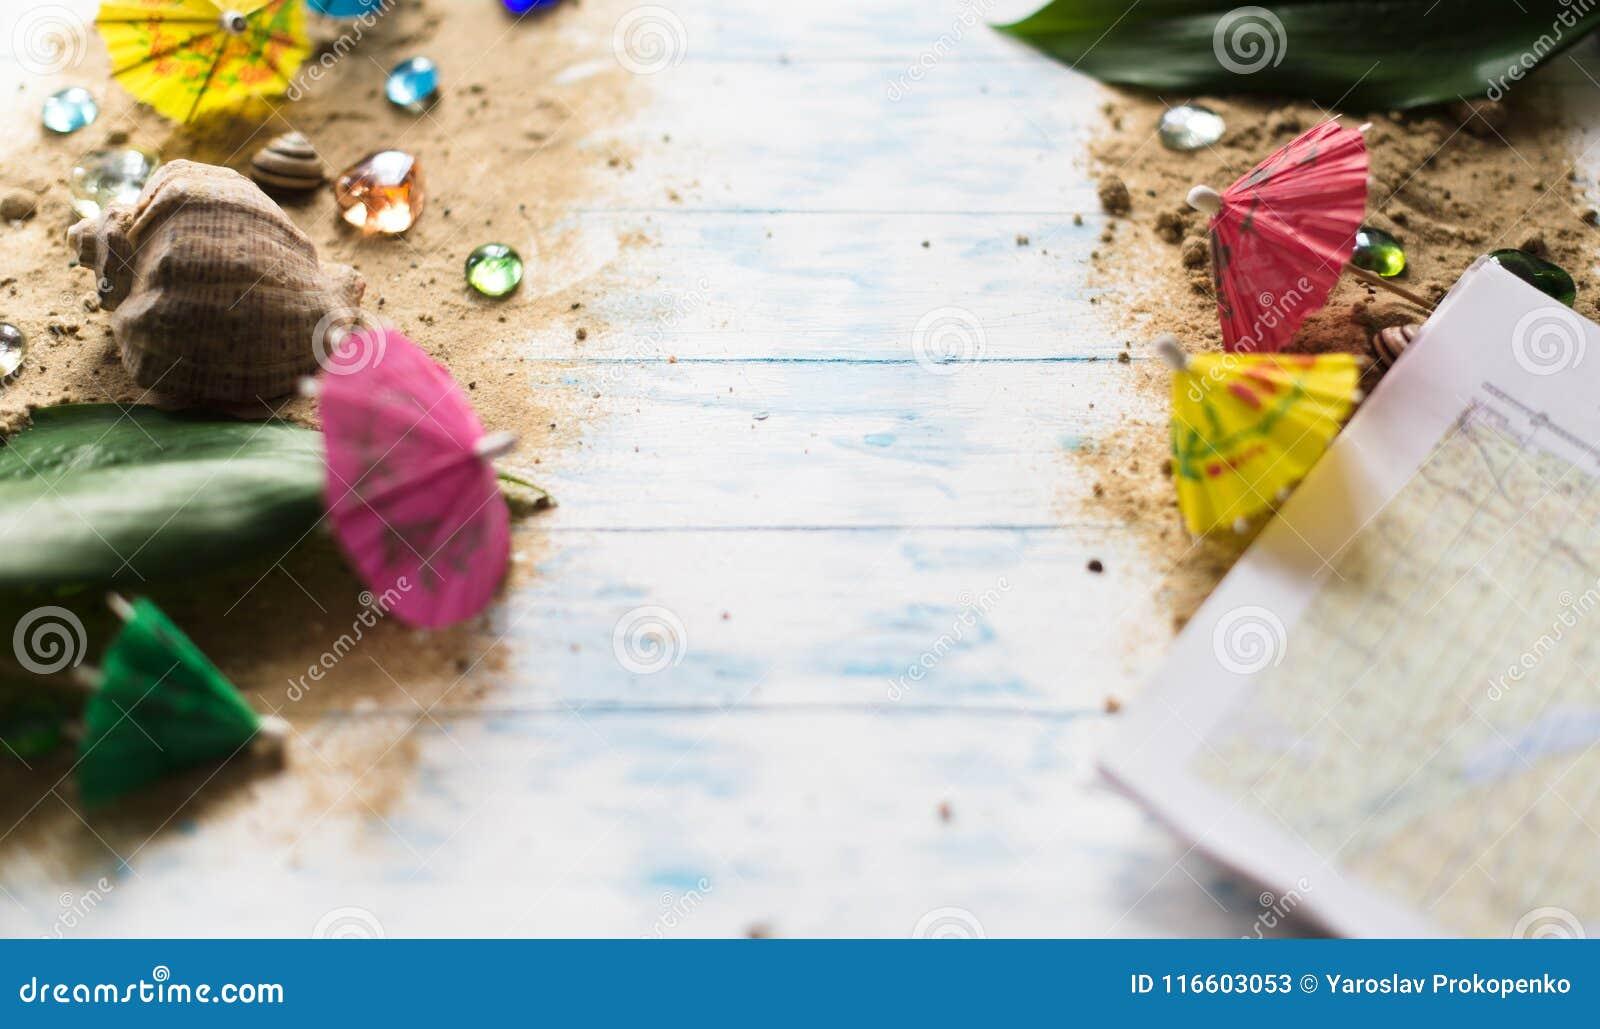 Sommar för snäckskal för sand för bakgrundsbegreppsram Paraplyer för coctailar på sand på en träbakgrund med kiselstenar